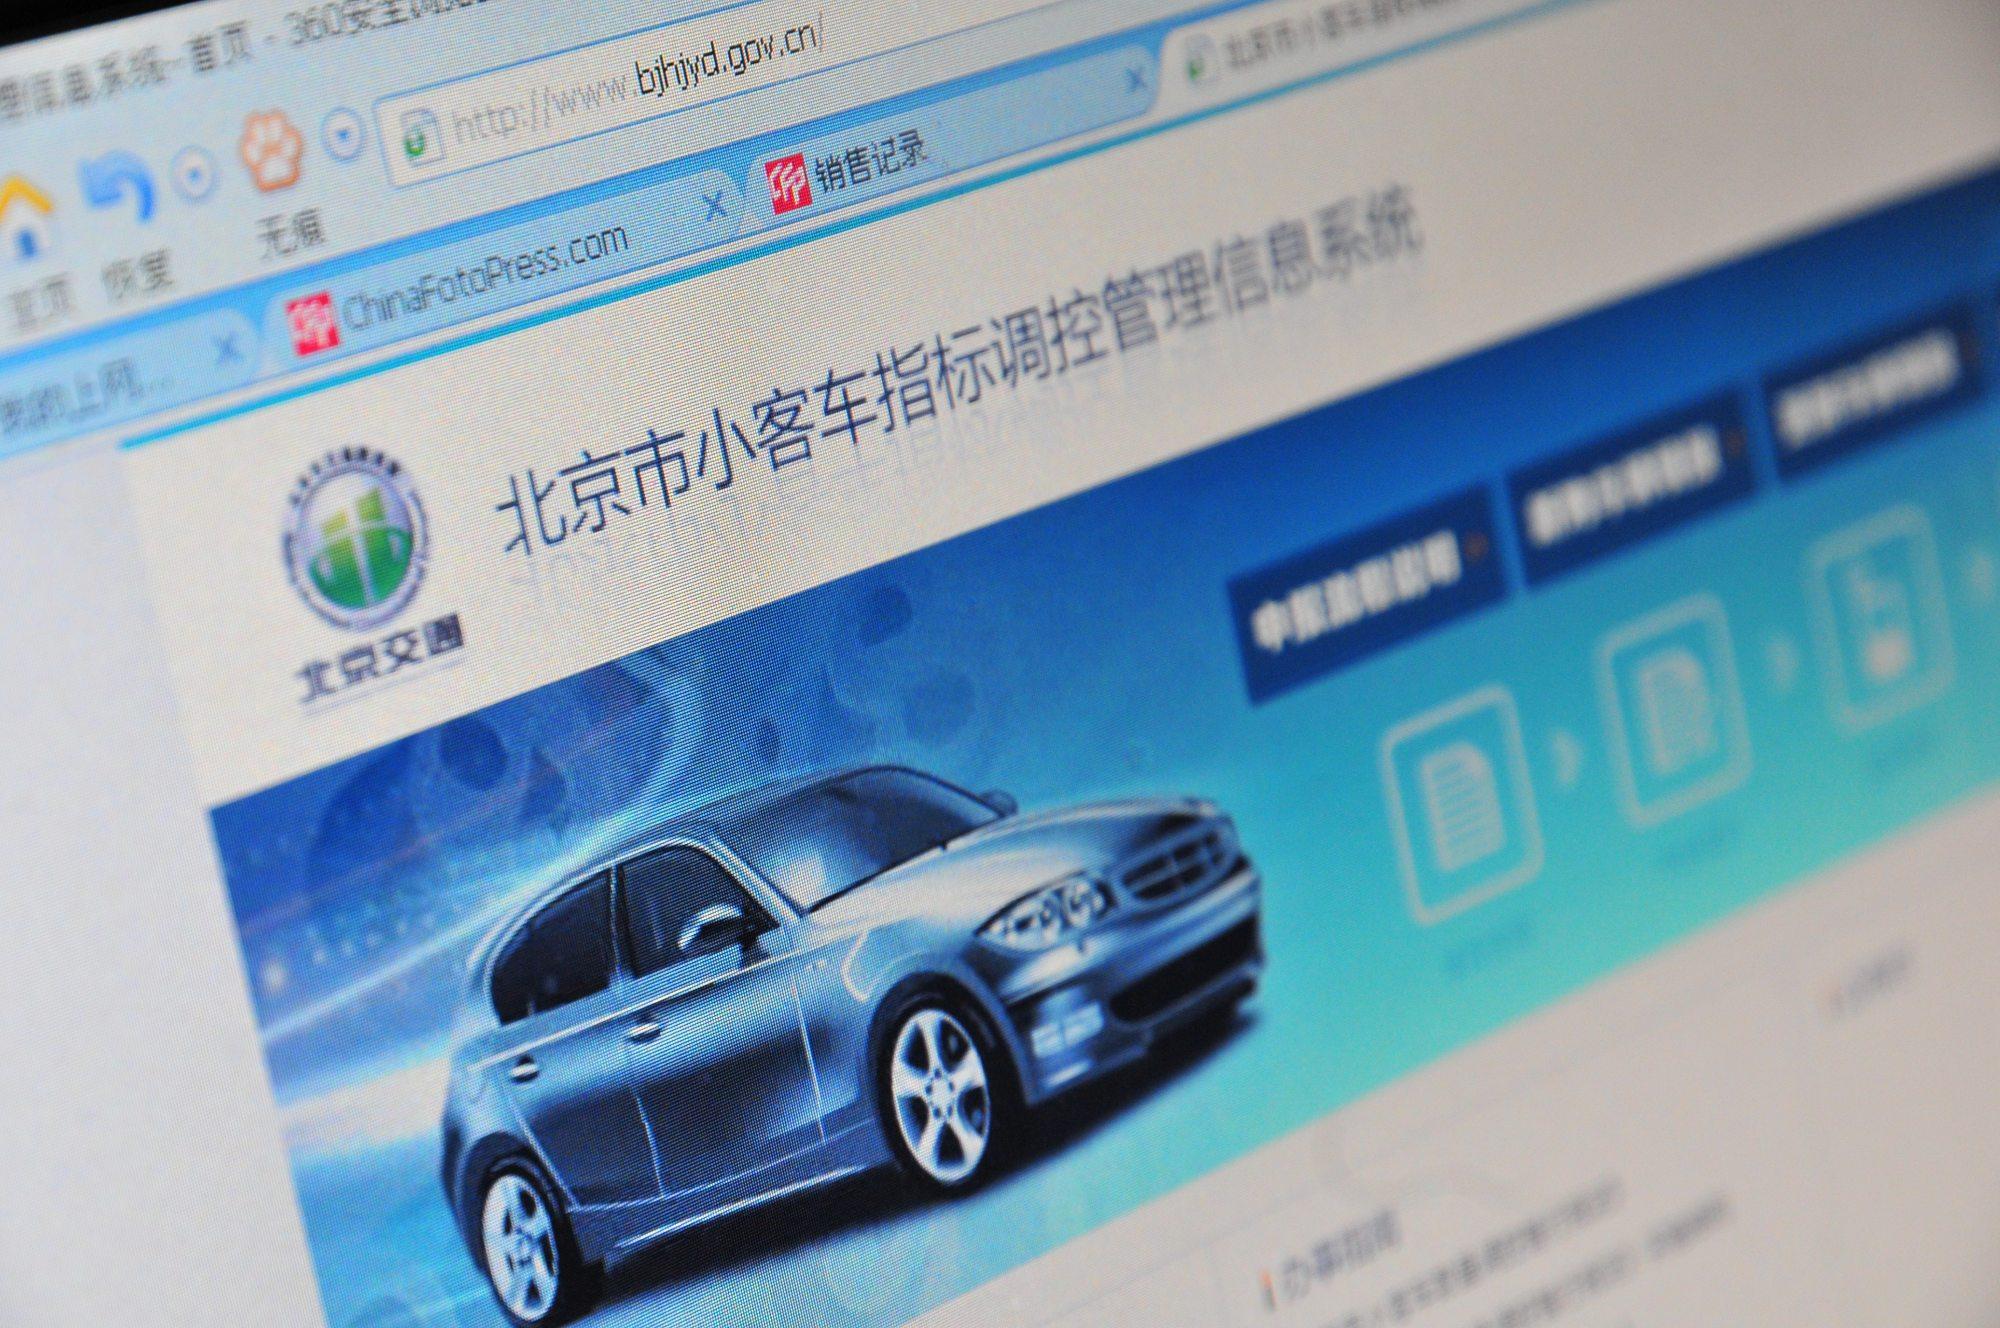 還沒排到的新能源指標申請家庭何時能取得指標?北京市交通委回應